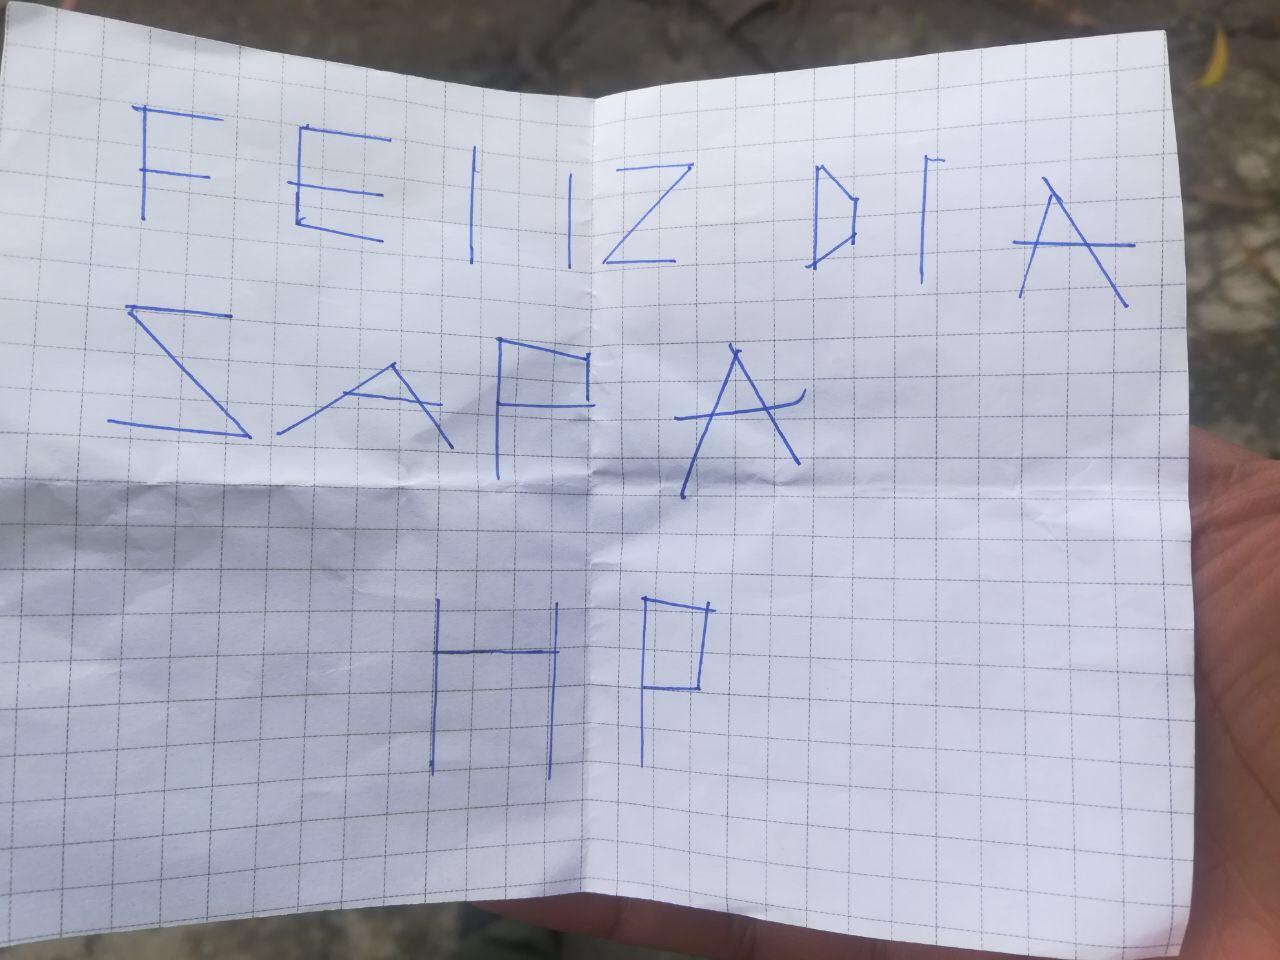 Agreden en Rionegro a mujer que publicó vídeo donde discriminan a don José